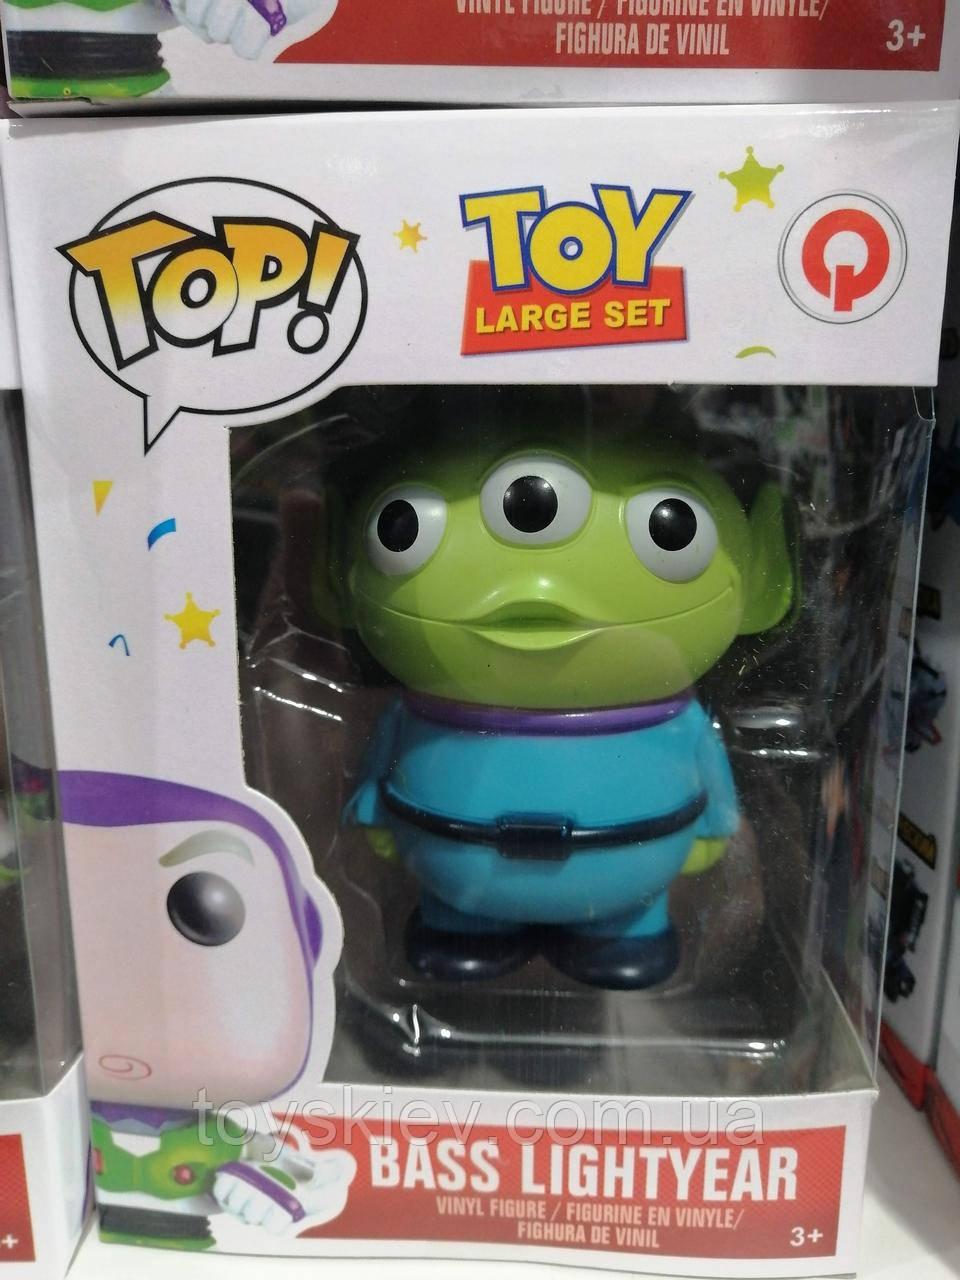 Фигурка  Фанко Поп из м-ф История игрушек Toy Story, Funko Pop (аналог)